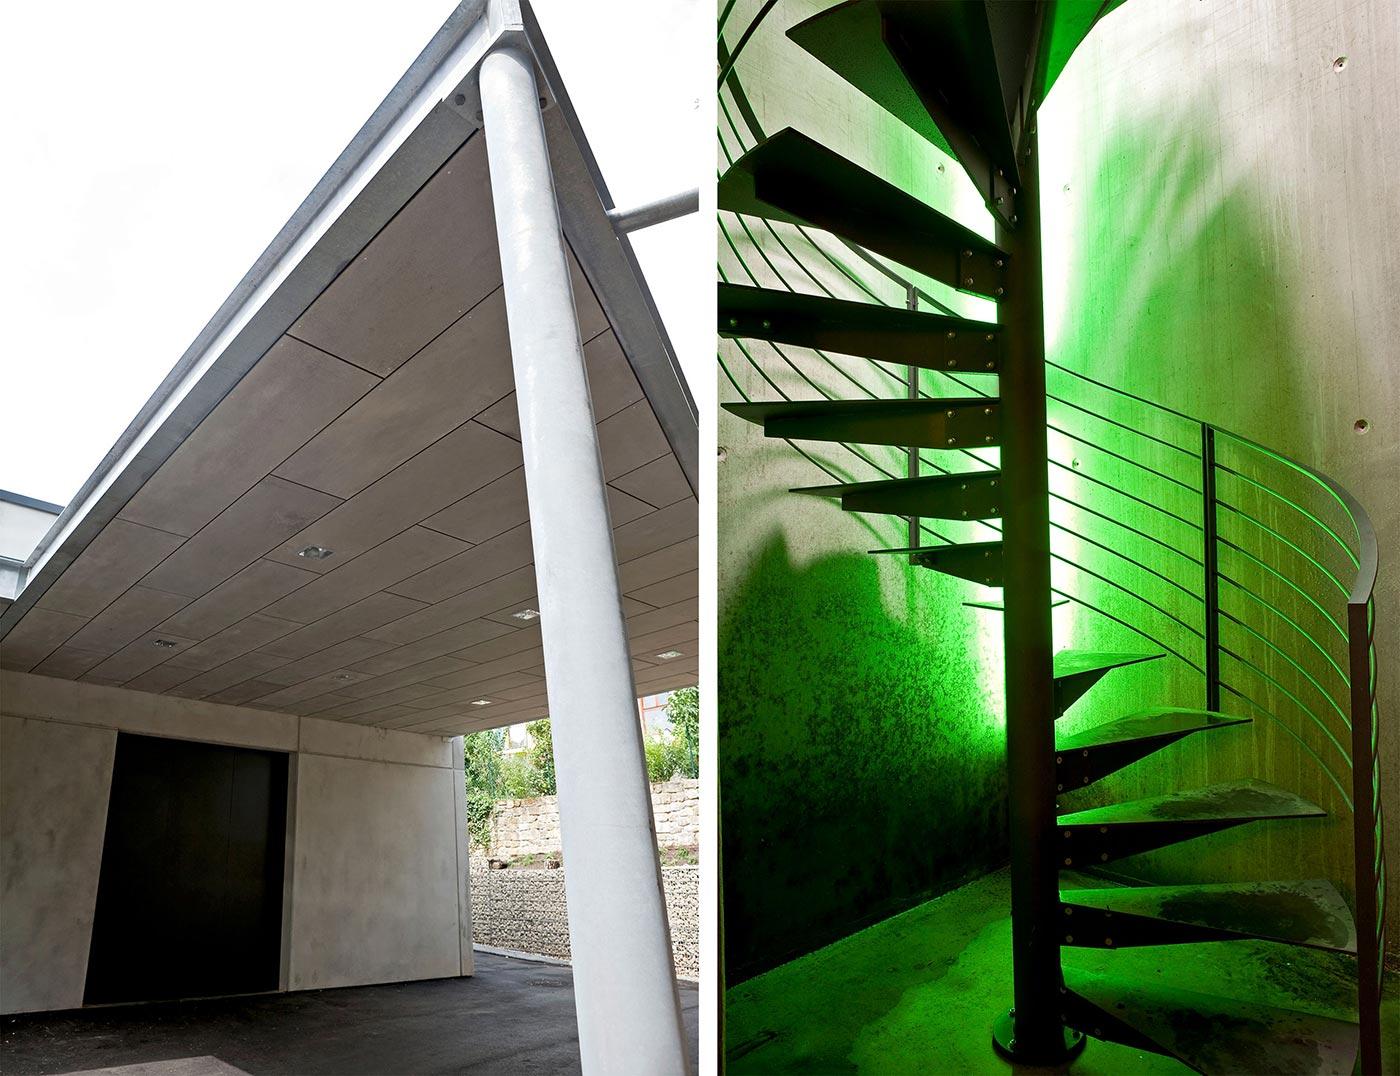 architekturwein-02